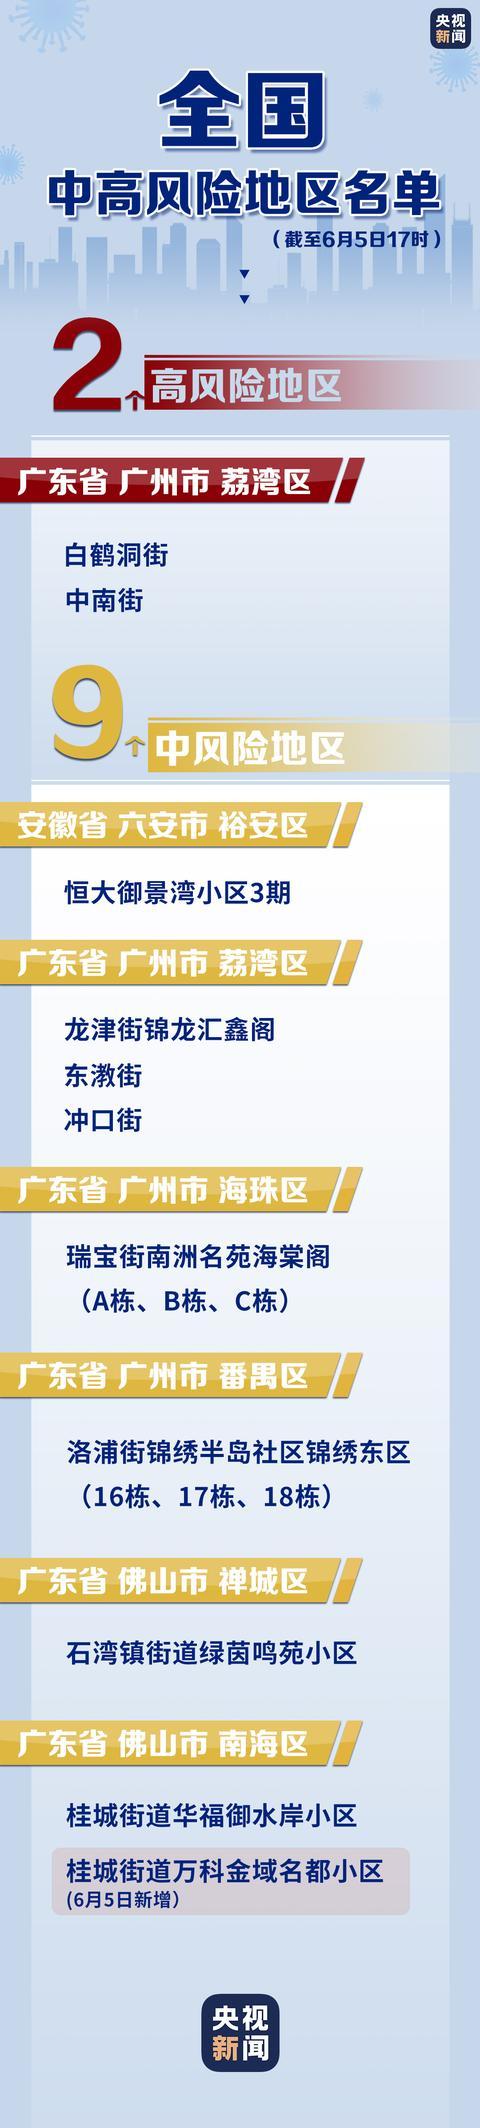 广东佛山南海中风险地区+1 全国现有中、高风险地区一览 全球新闻风头榜 第1张